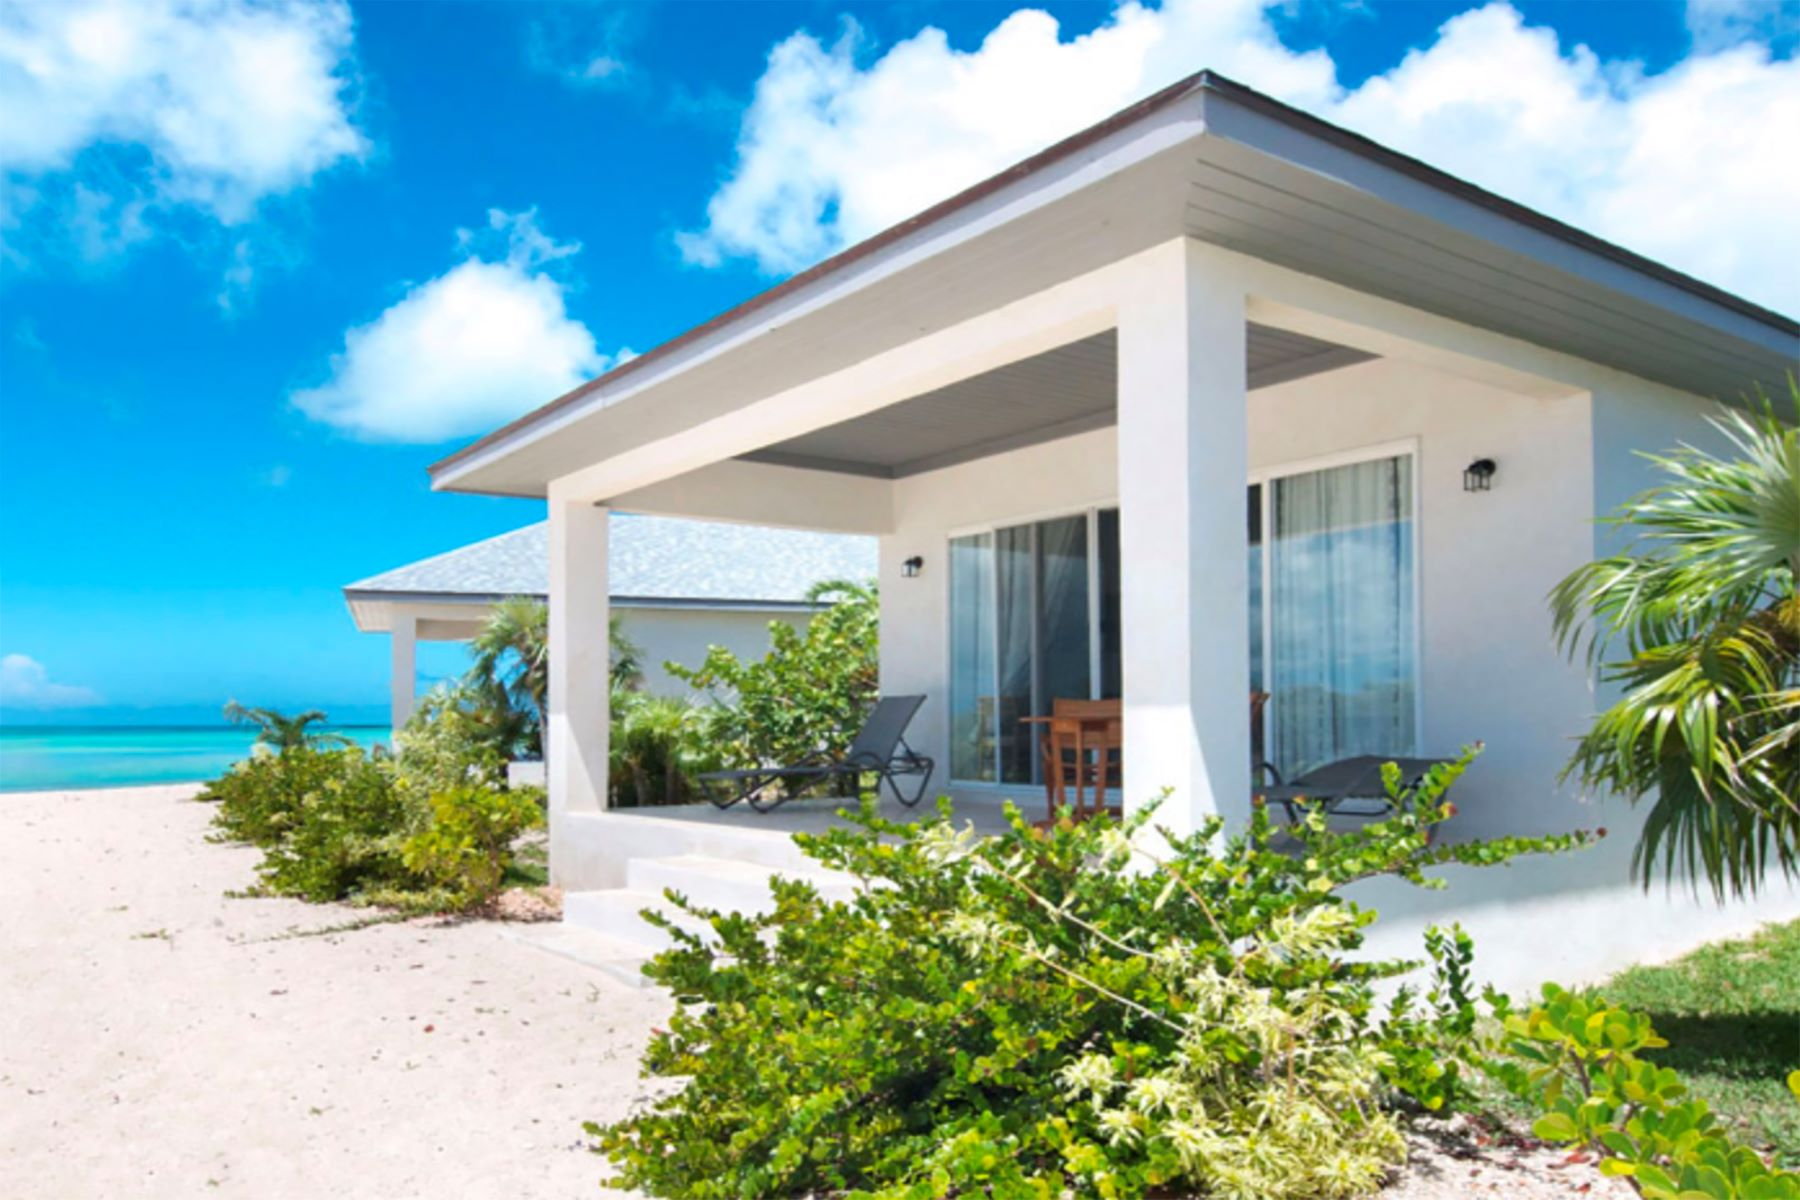 土地,用地 为 销售 在 Cat Island, 卡特岛 巴哈马